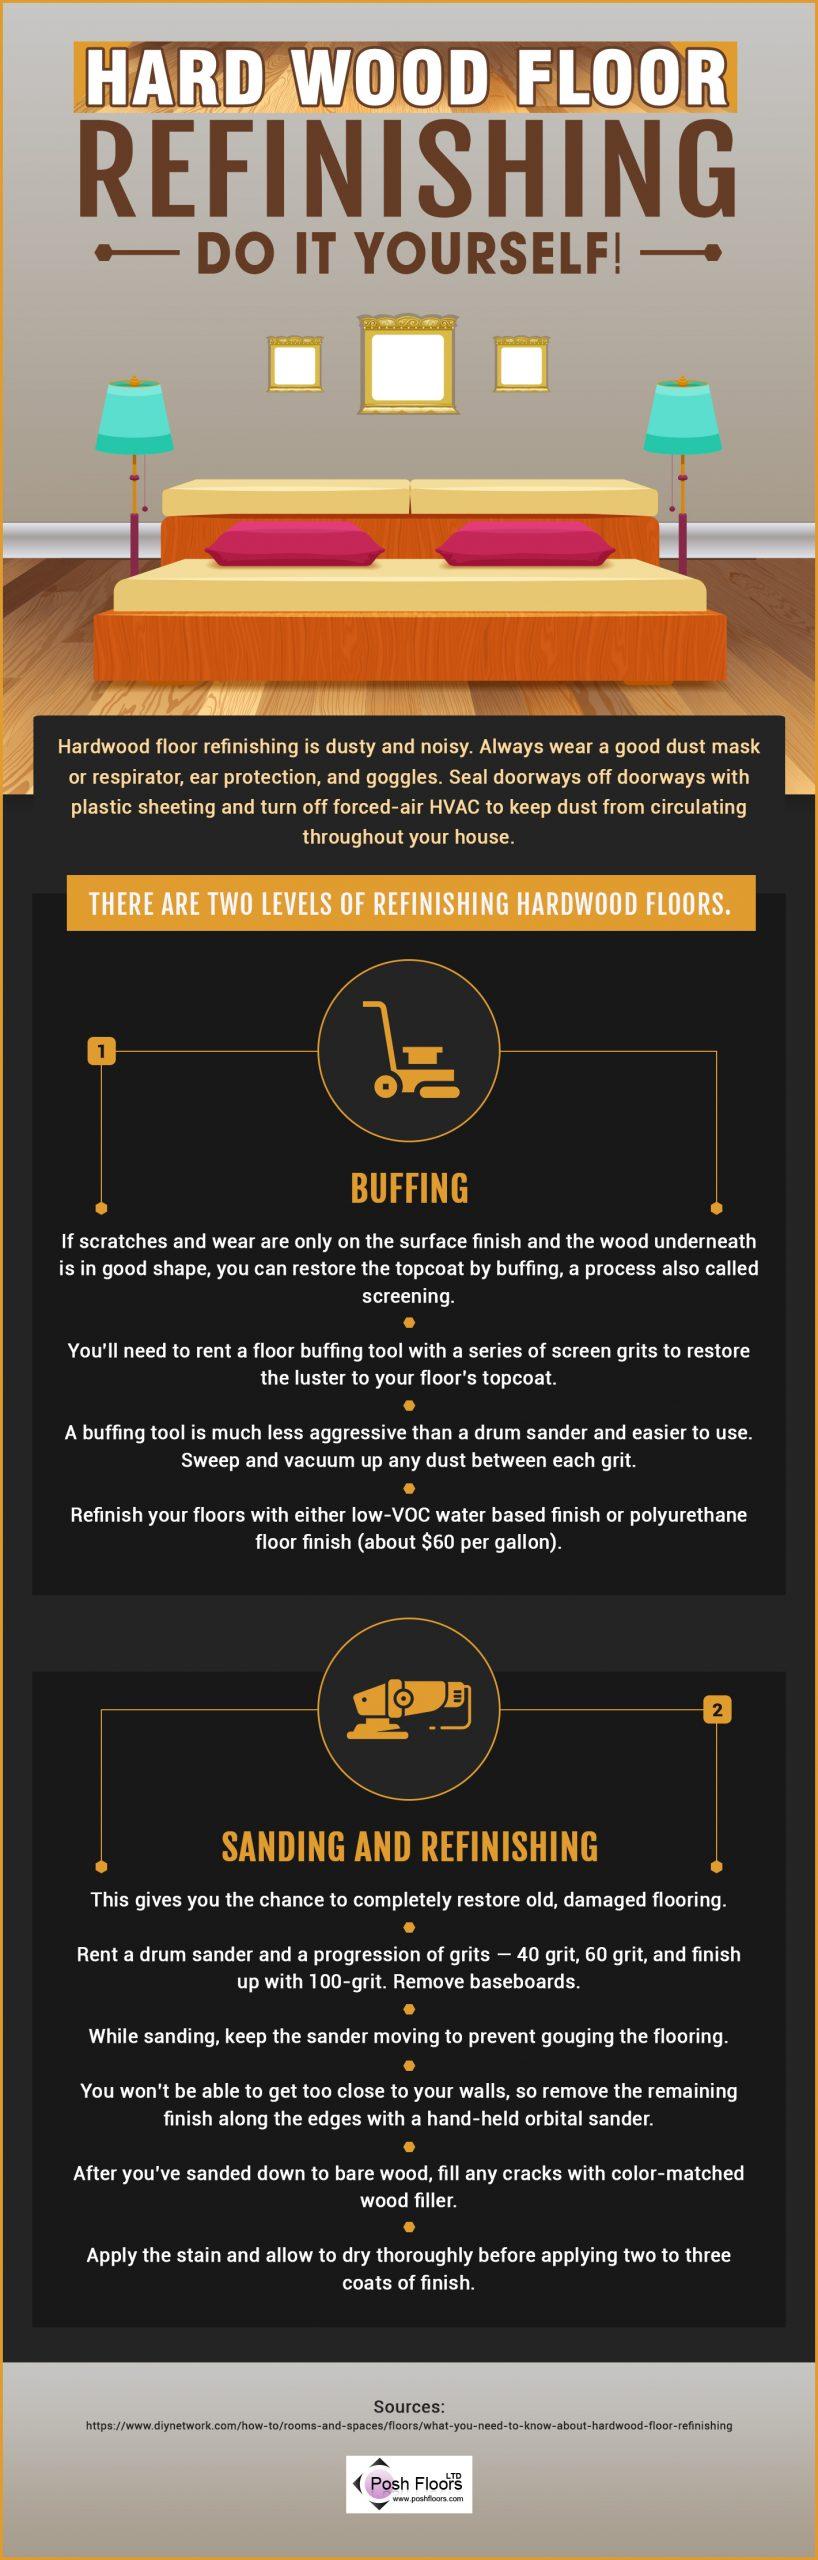 [Infographic] Hard wood Floor Refinishing -- Do it Yourself!